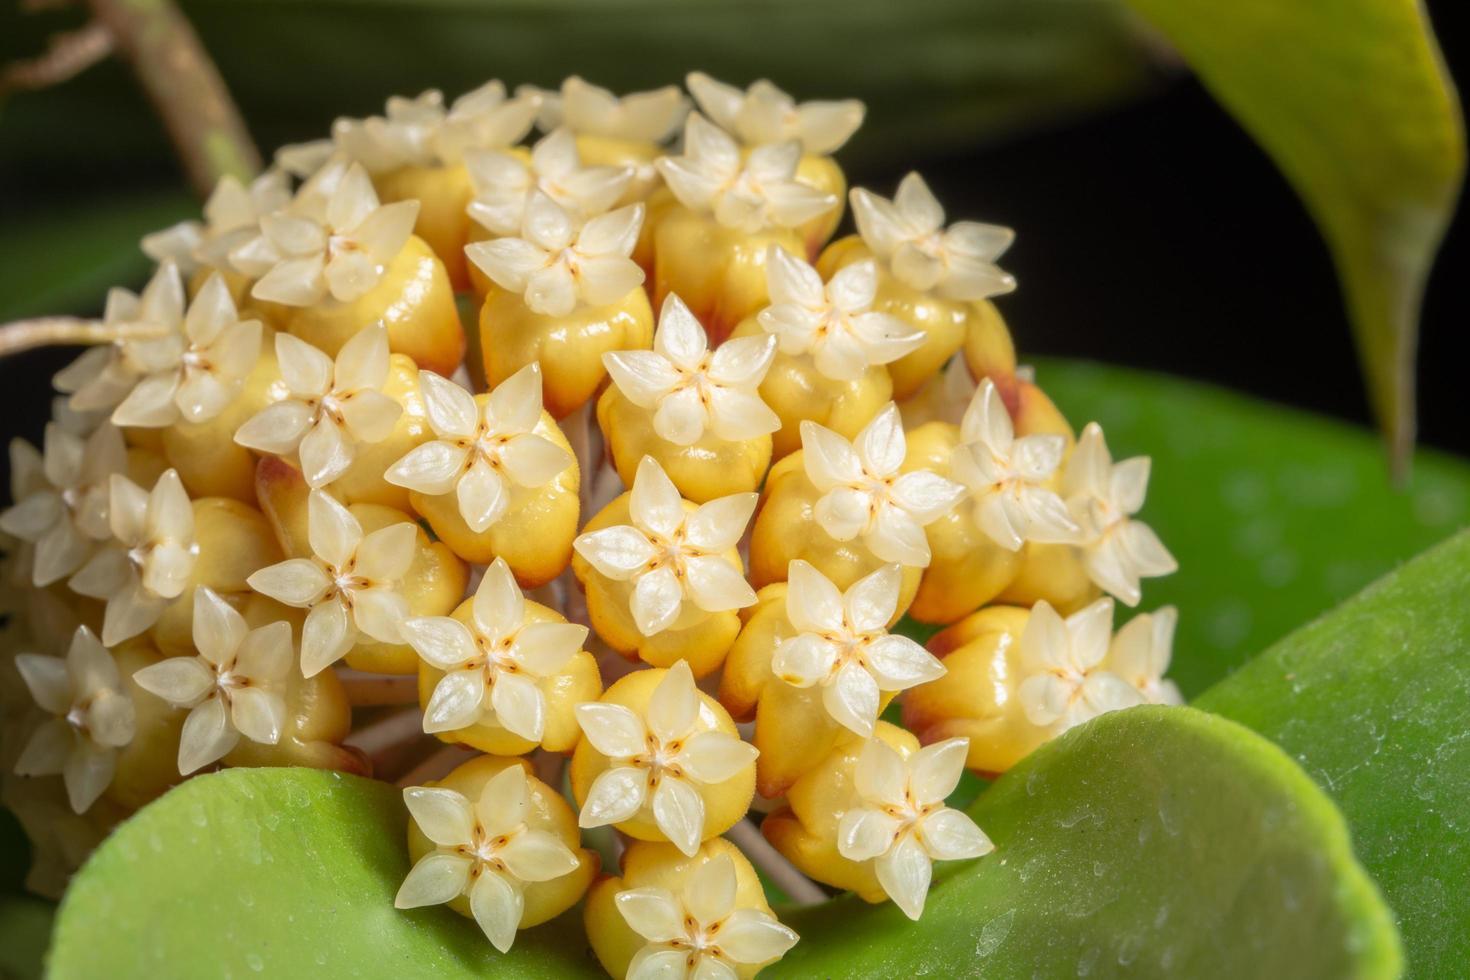 gelbe Hoya-Blumen-Nahaufnahme foto